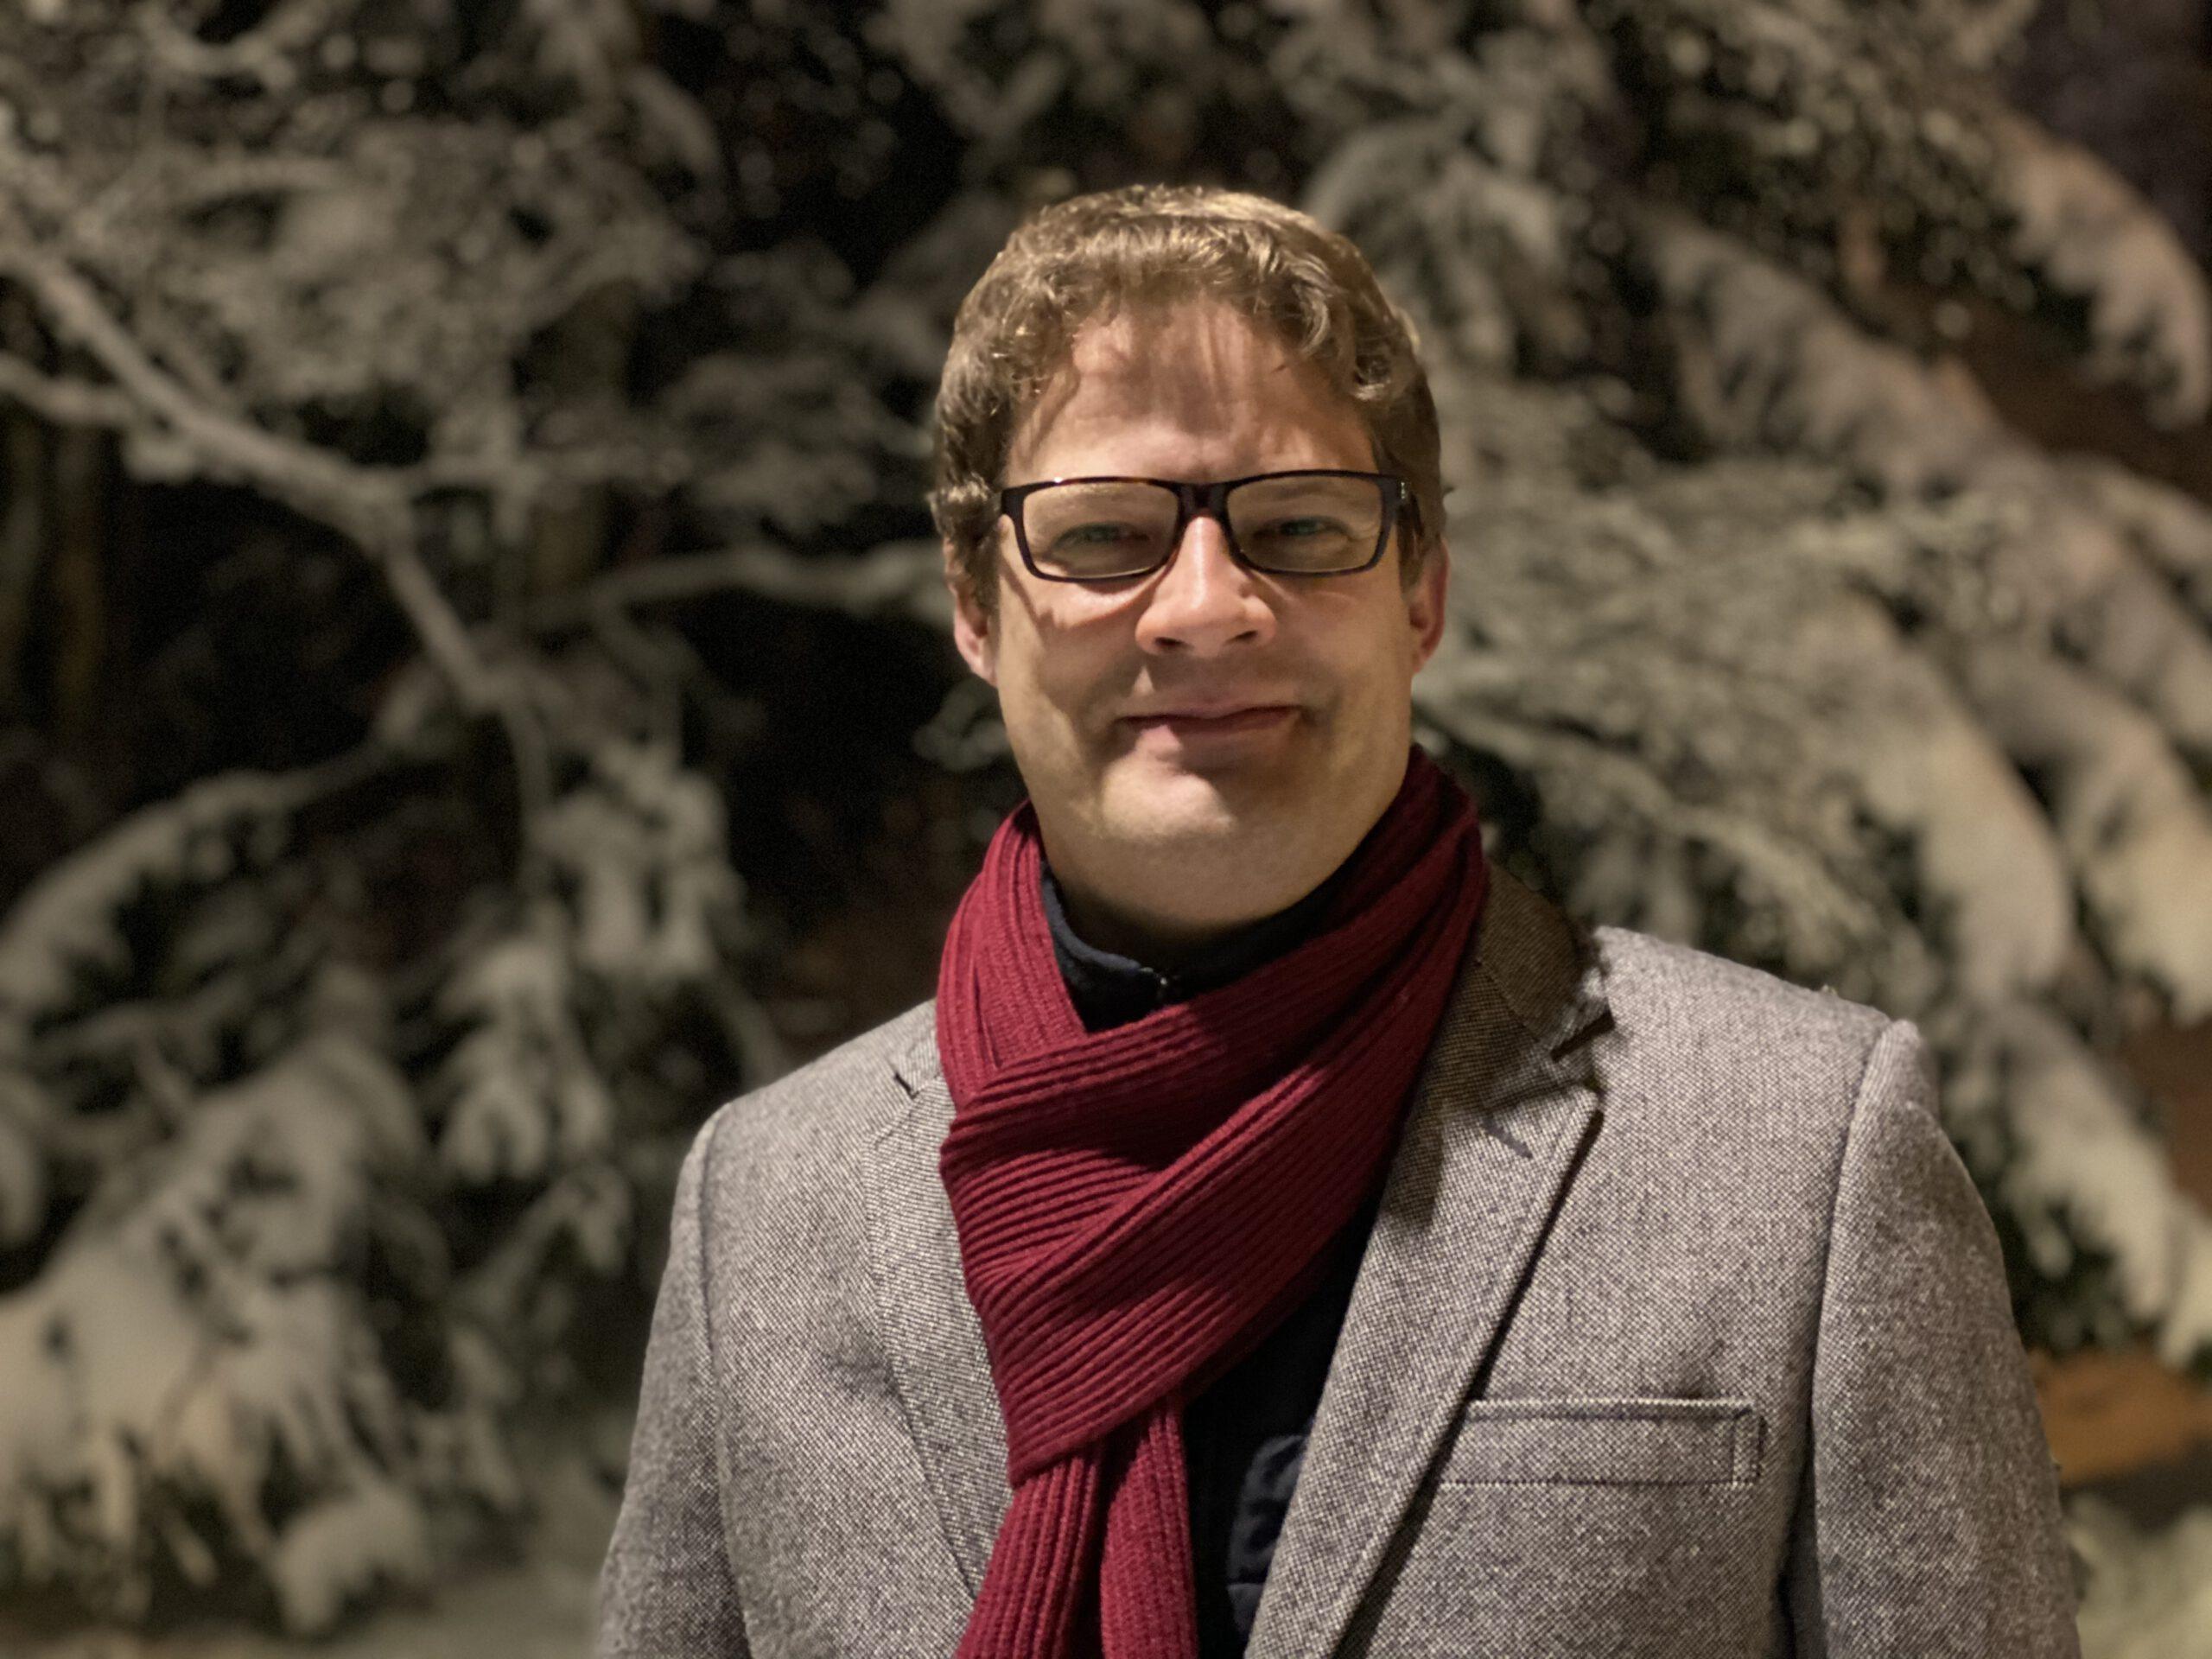 Hausjärven kunnanvaltuuston puheenjohtaja Kyösti Arovuori: Pieni kunta ei pärjää yksin, tarvitaan rakentavia yhteistyön tapoja